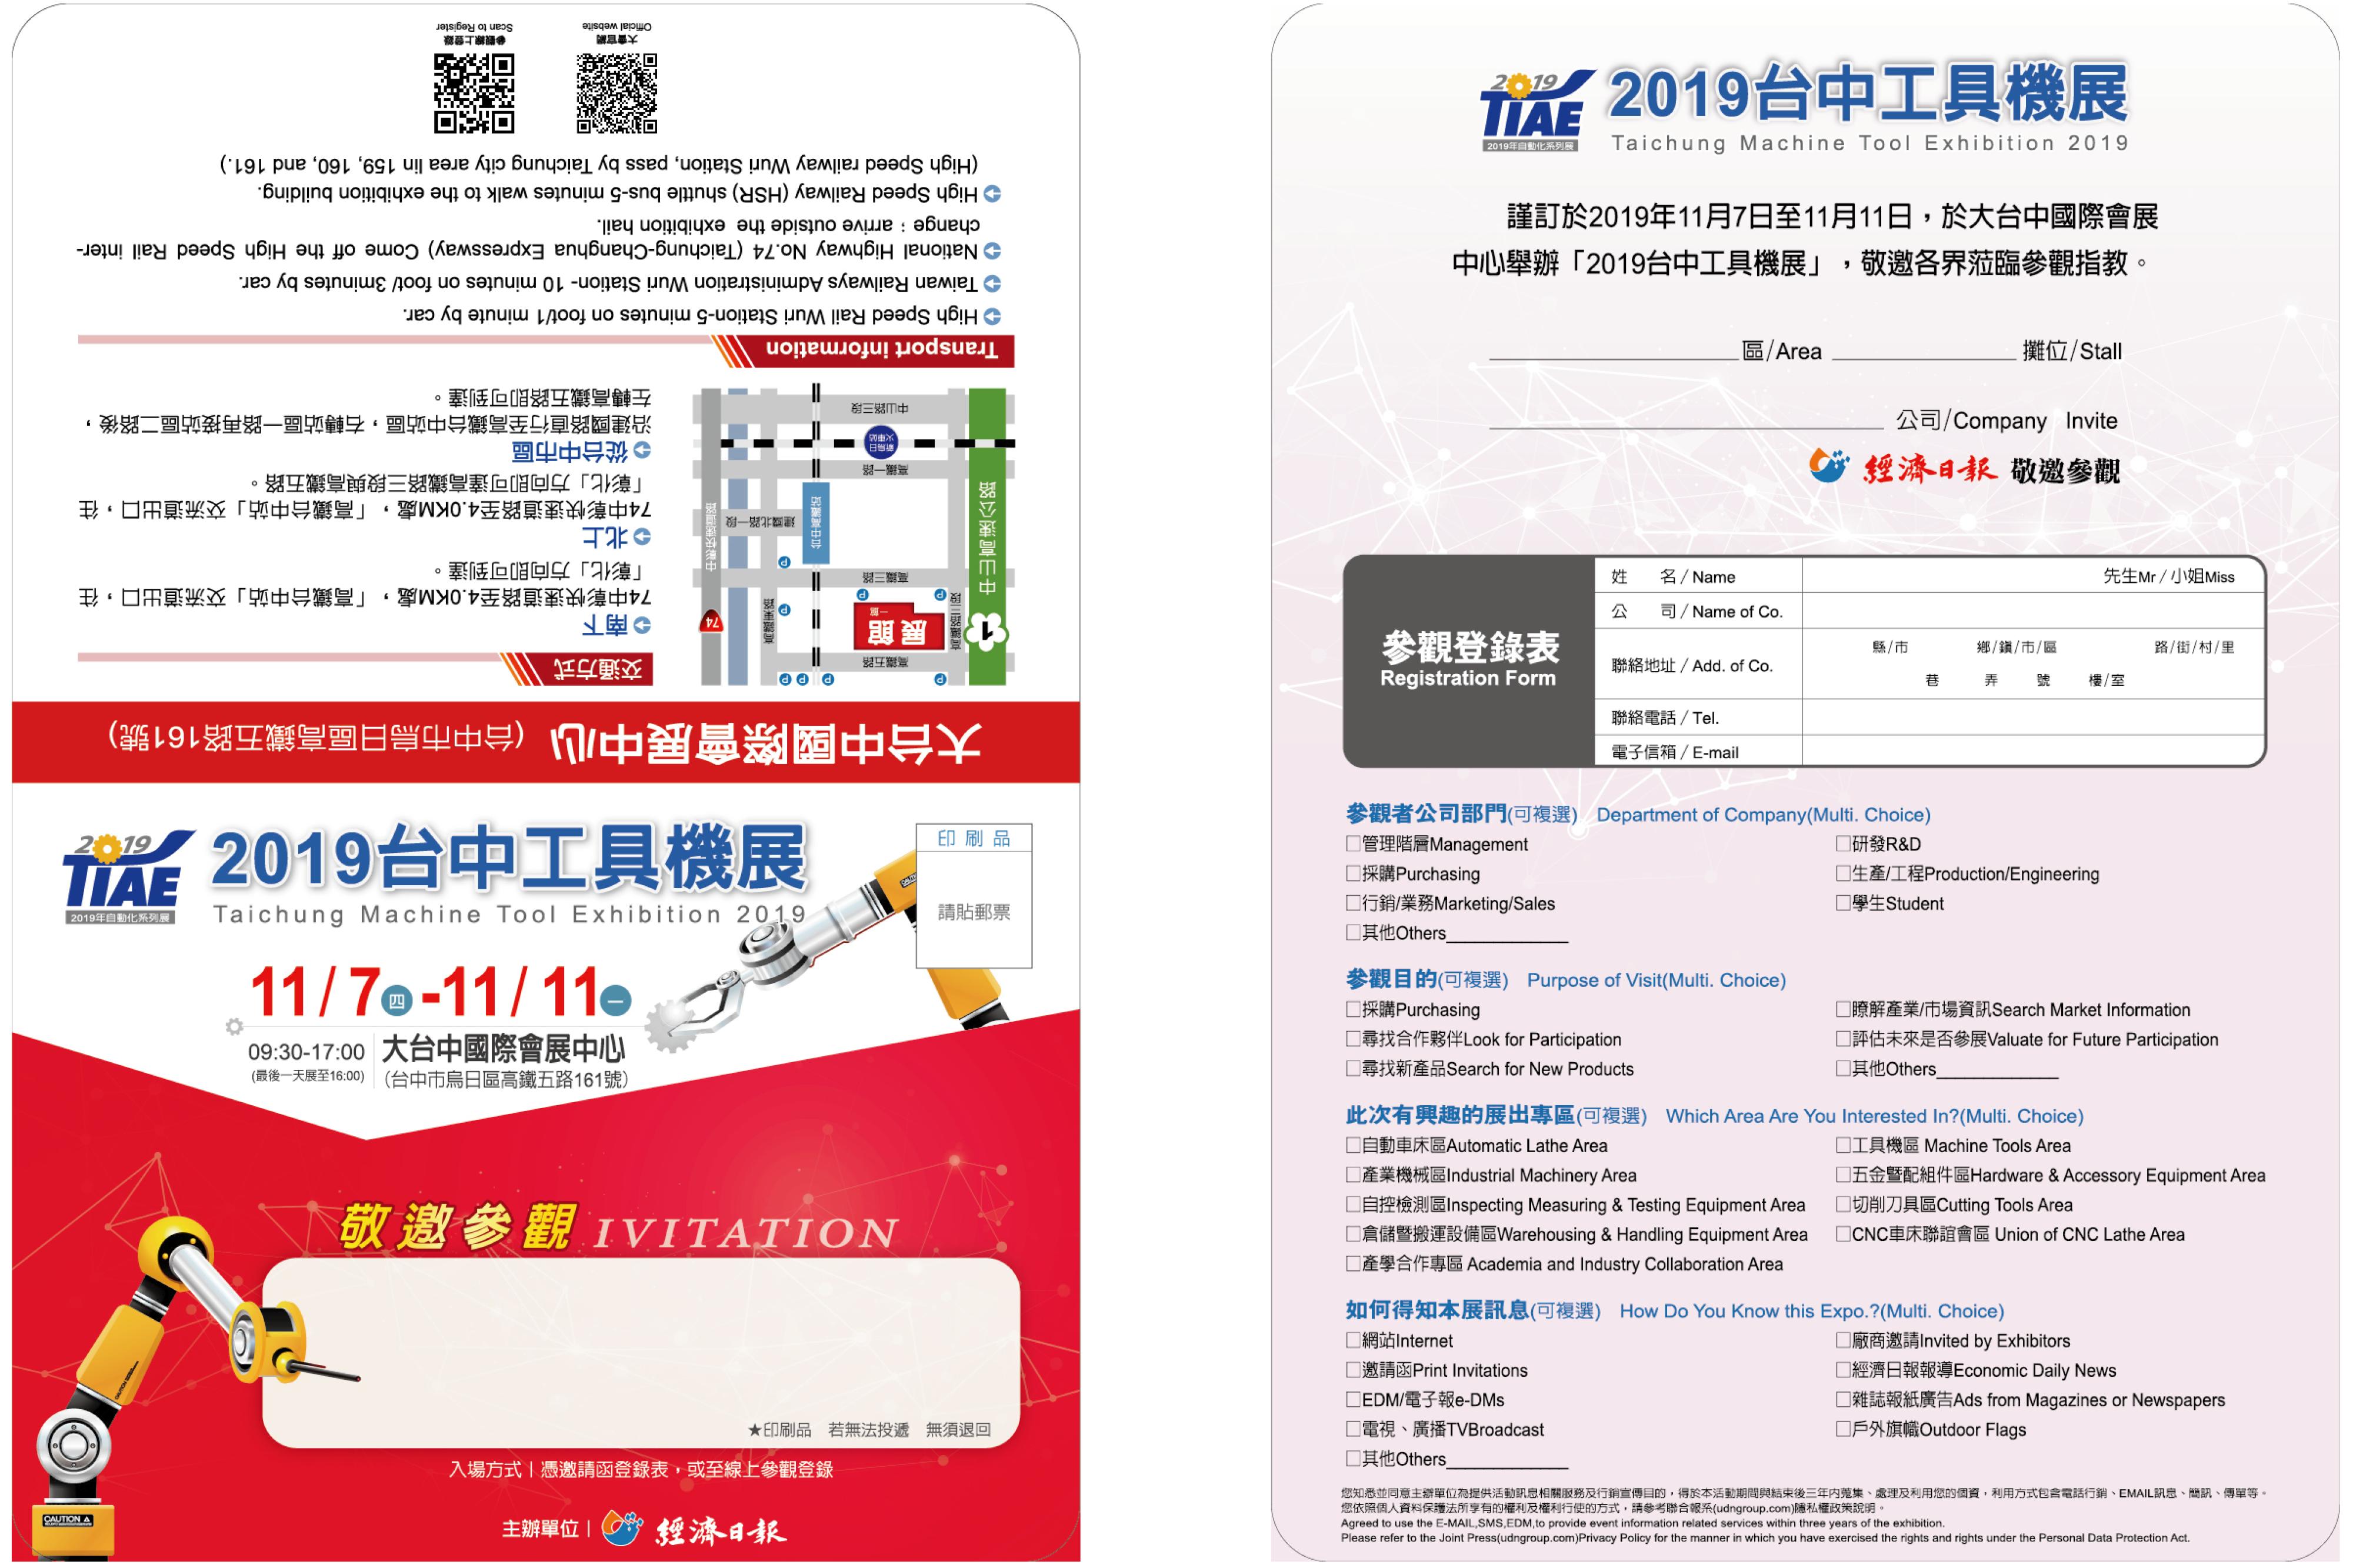 2019台中工具機展-廠商邀請函